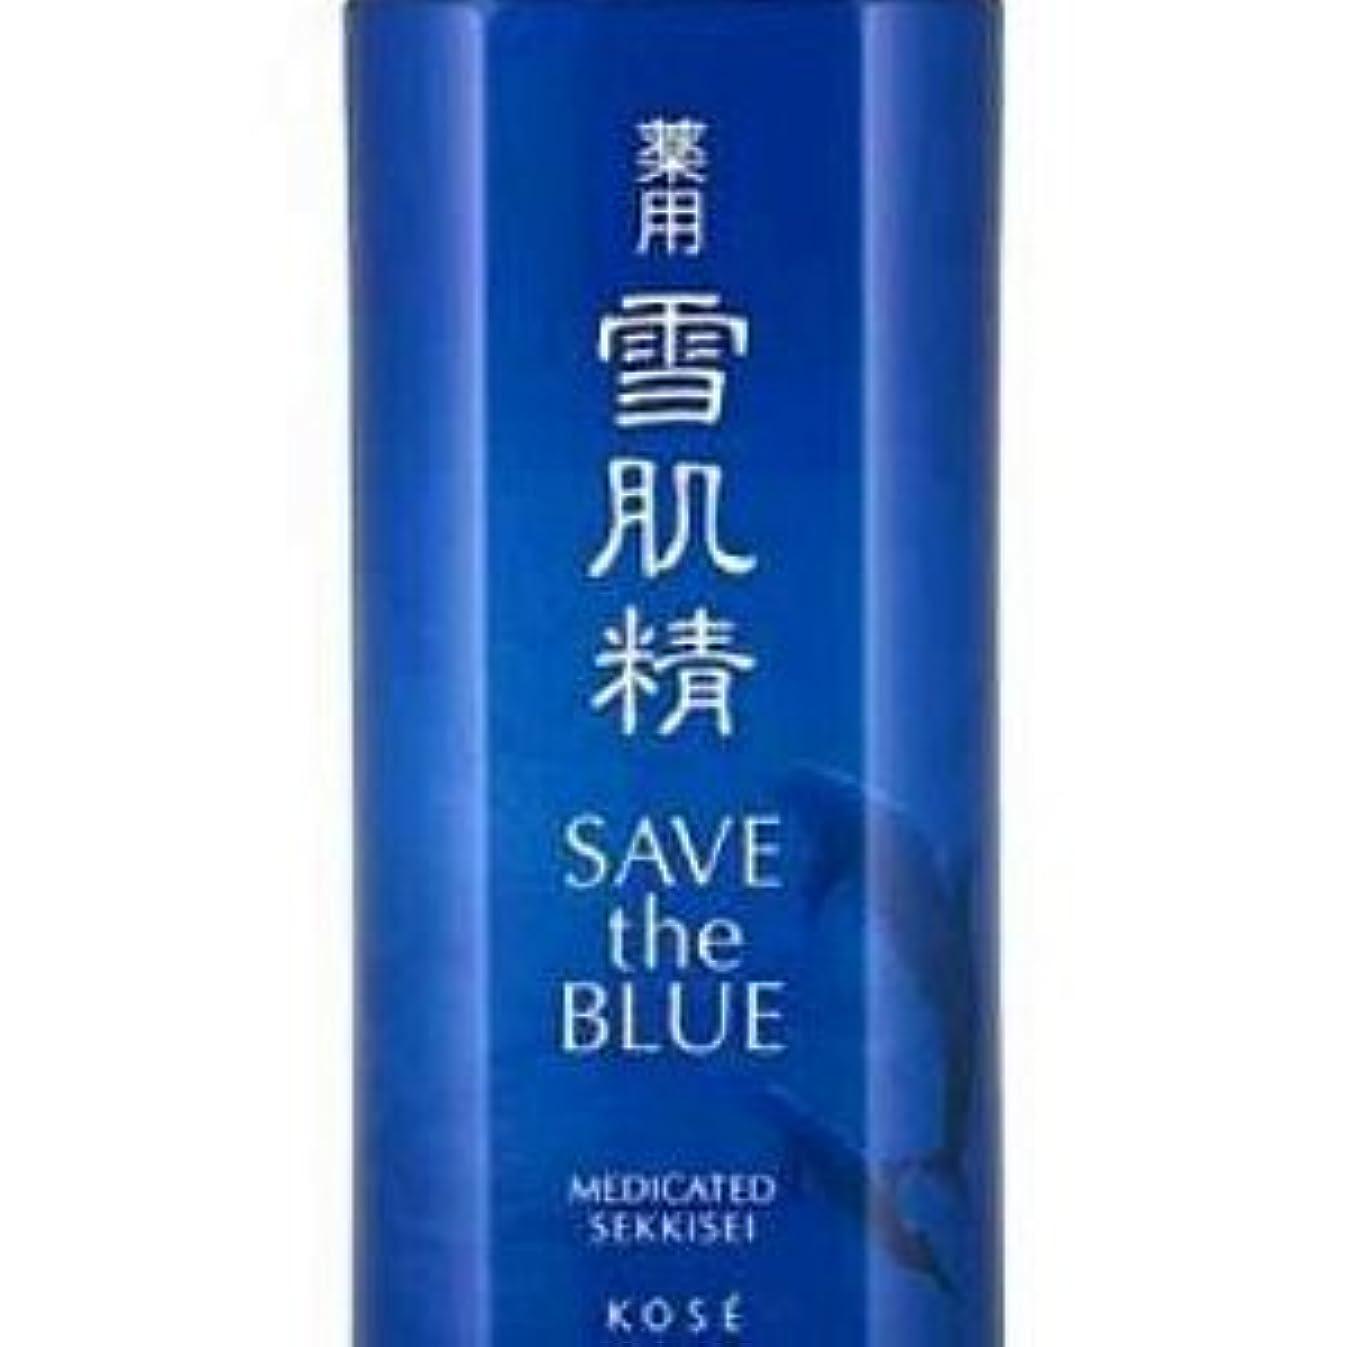 効能あるポゴスティックジャンプラウンジコーセー 薬用雪肌精 化粧水 ディスペンサー付限定ボトル 500ml アウトレット